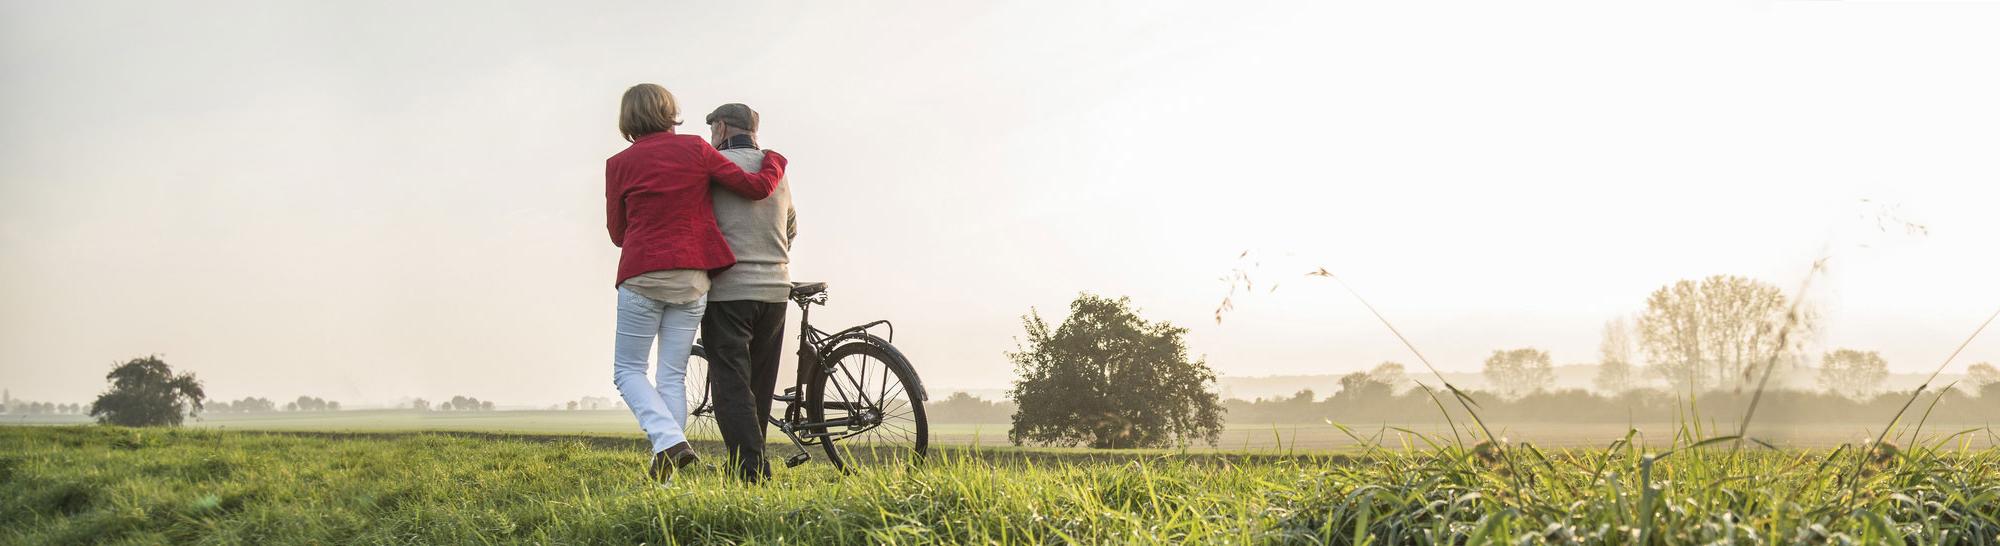 lterer Mann und seine Tochter mit dem Fahrrad